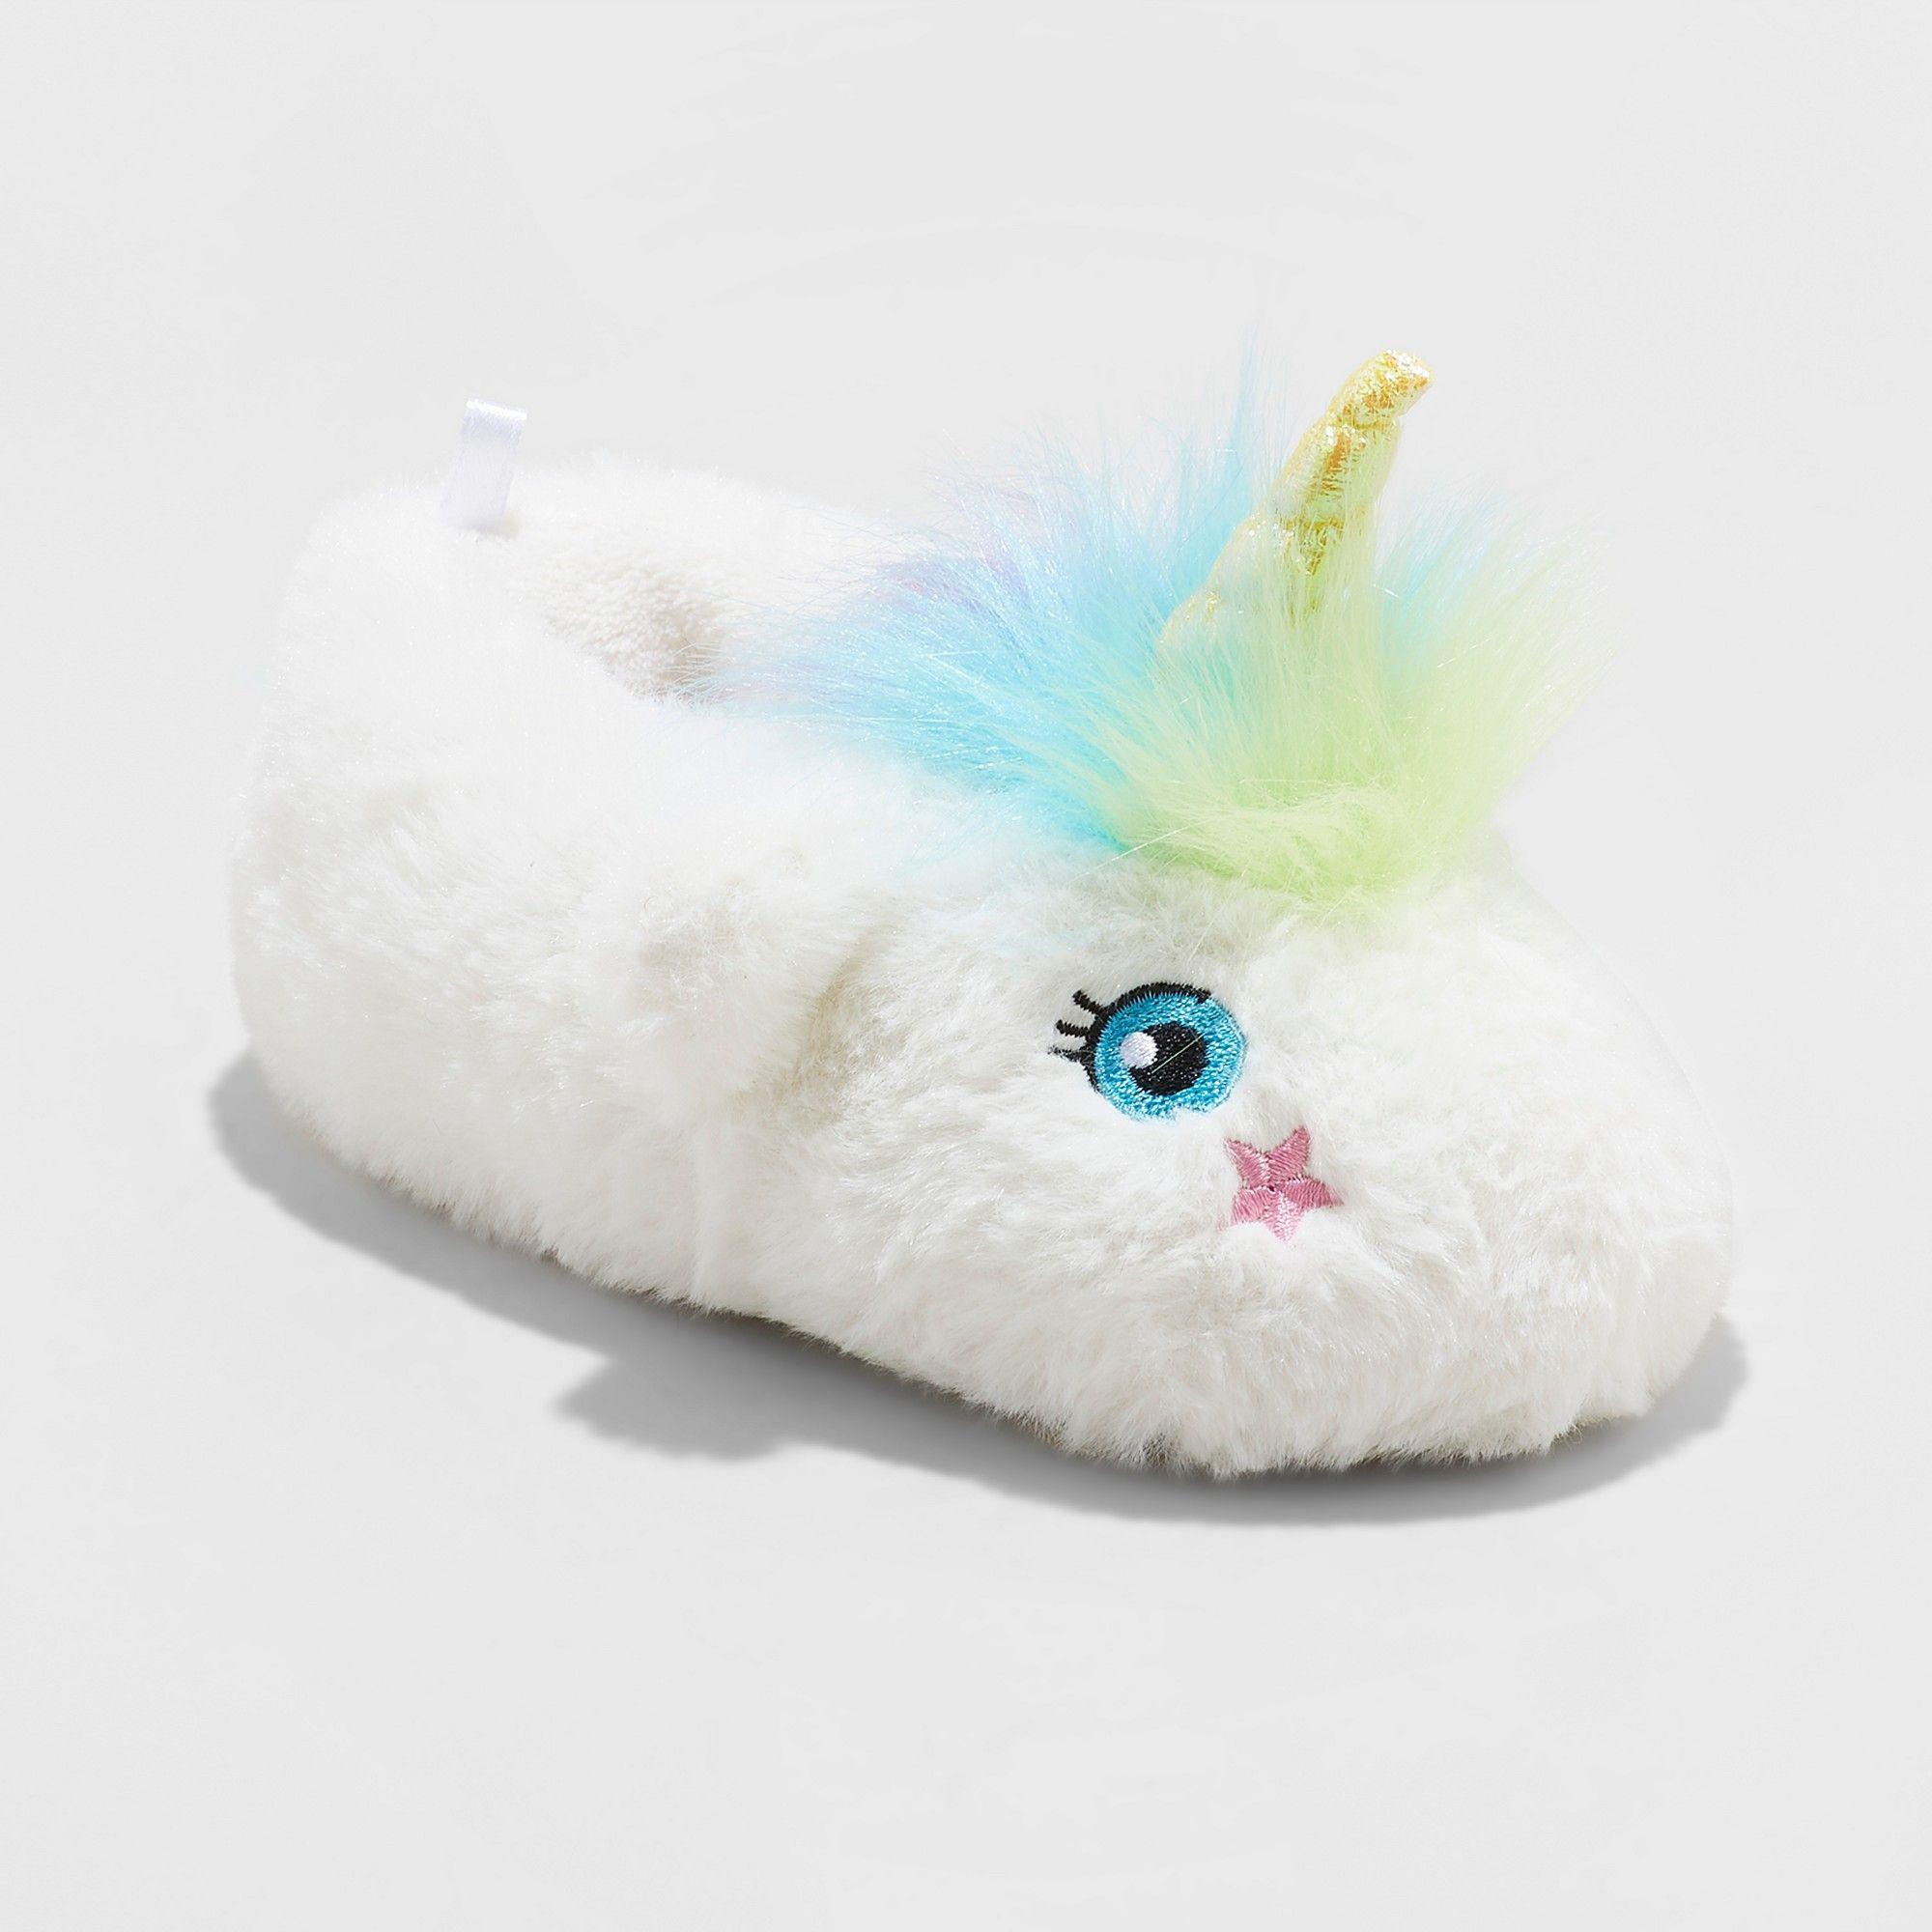 143c8c04d7e Toddler Boys  Raylee Unicorn Slipper - Cat   Jack White XL(11 12 ...